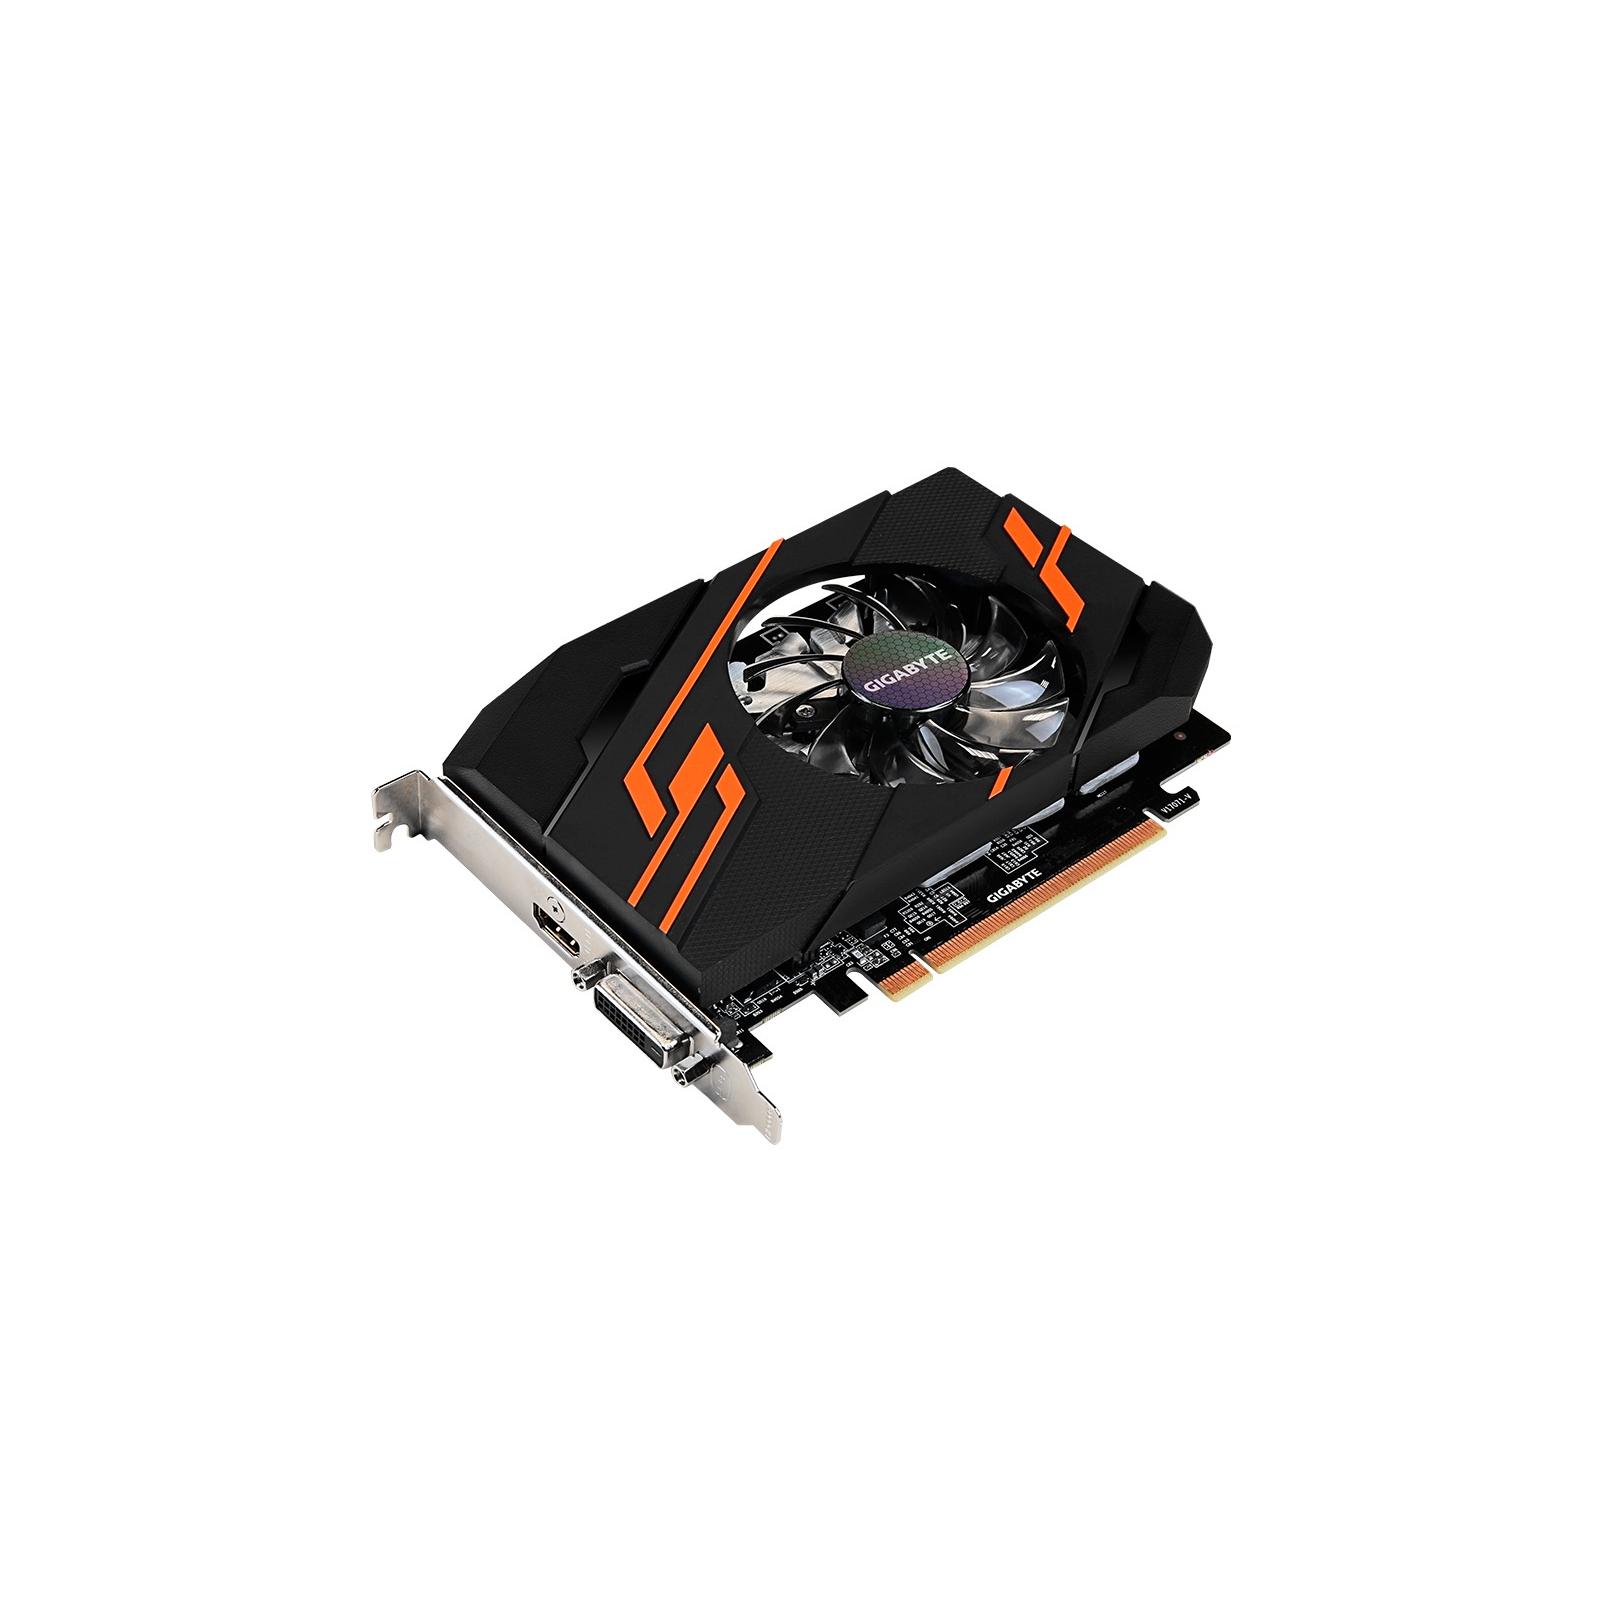 Відеокарта GIGABYTE GeForce GT1030 2048Mb OC (GV-N1030OC-2GI) зображення 3